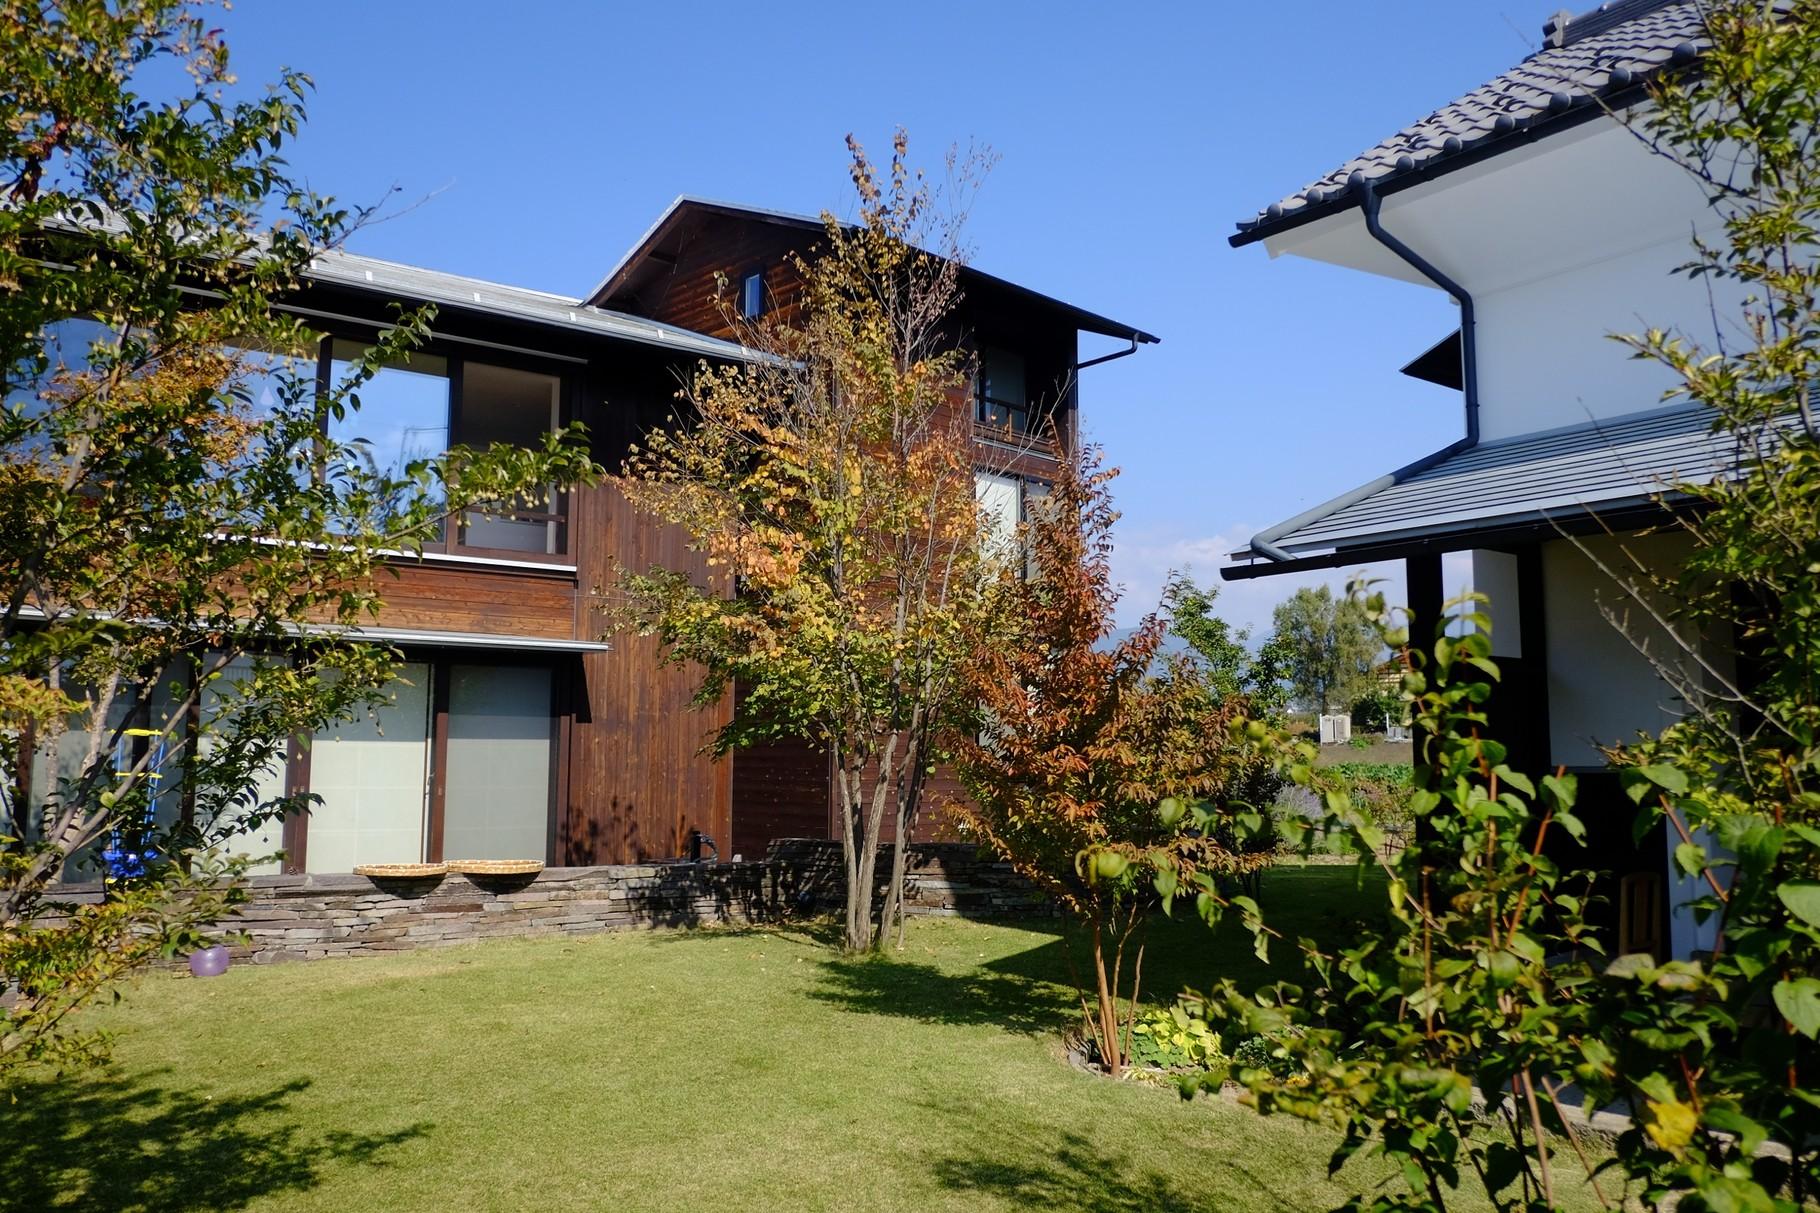 素敵な外観!4つの建物が中庭を囲む様に建てられています。